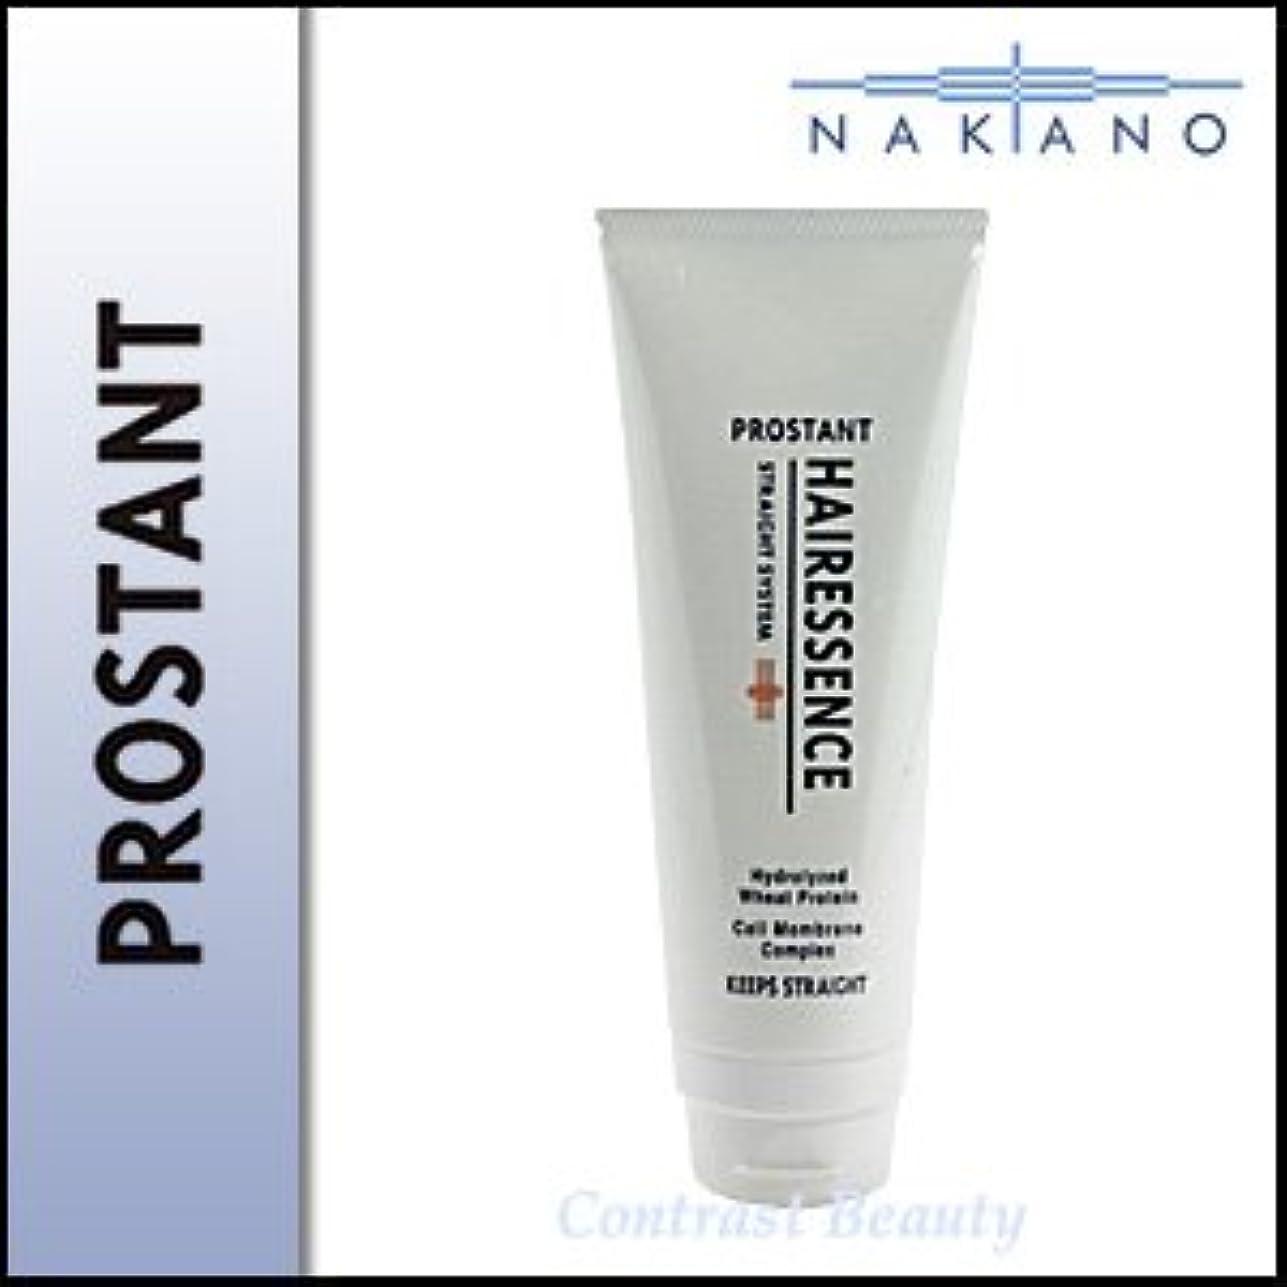 スクランブルぎこちない運ぶナカノ プロスタント ヘアエッセンス 100g エッセンス(洗い流さないヘアトリートメント)